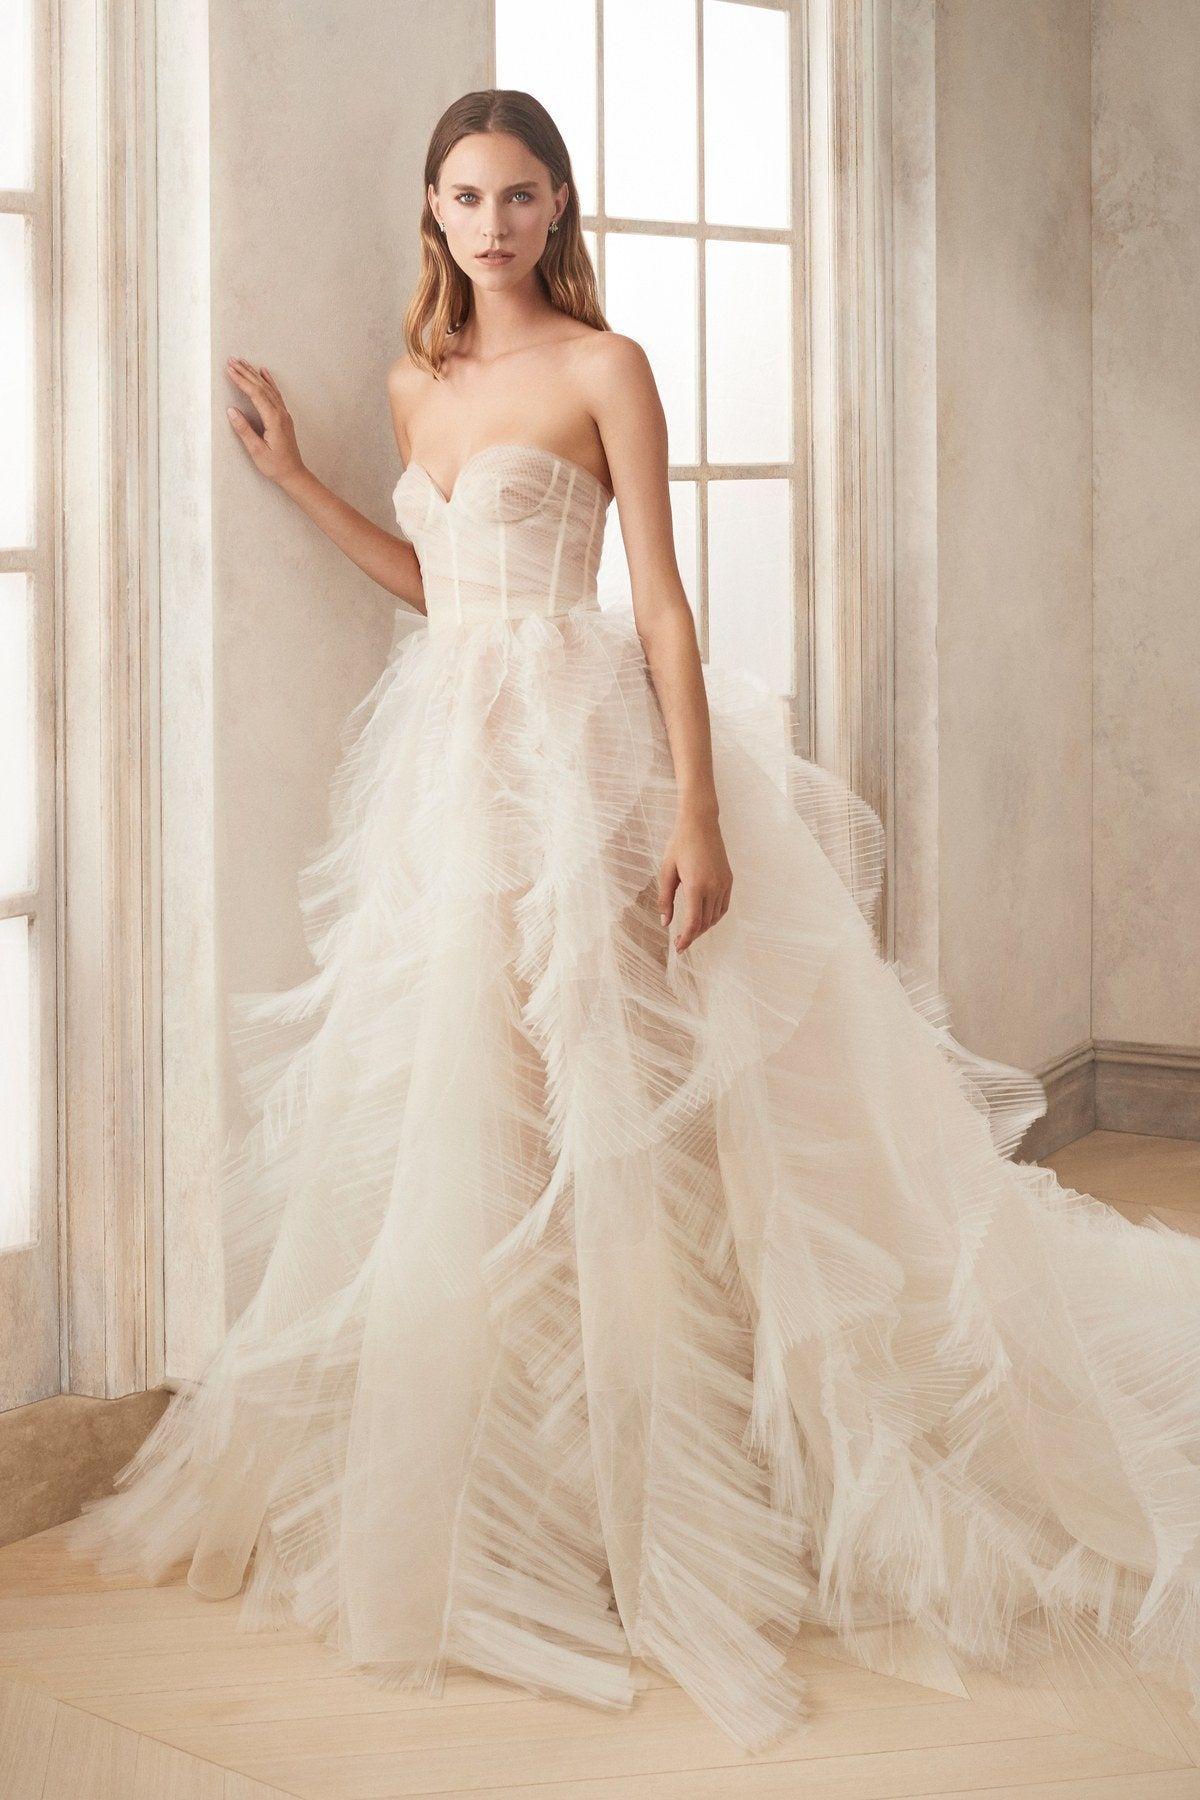 Oscar De La Renta Bridal Fall 2020 Fashion Show In 2020 Oscar De La Renta Bridal Oscar De La Renta Bridal